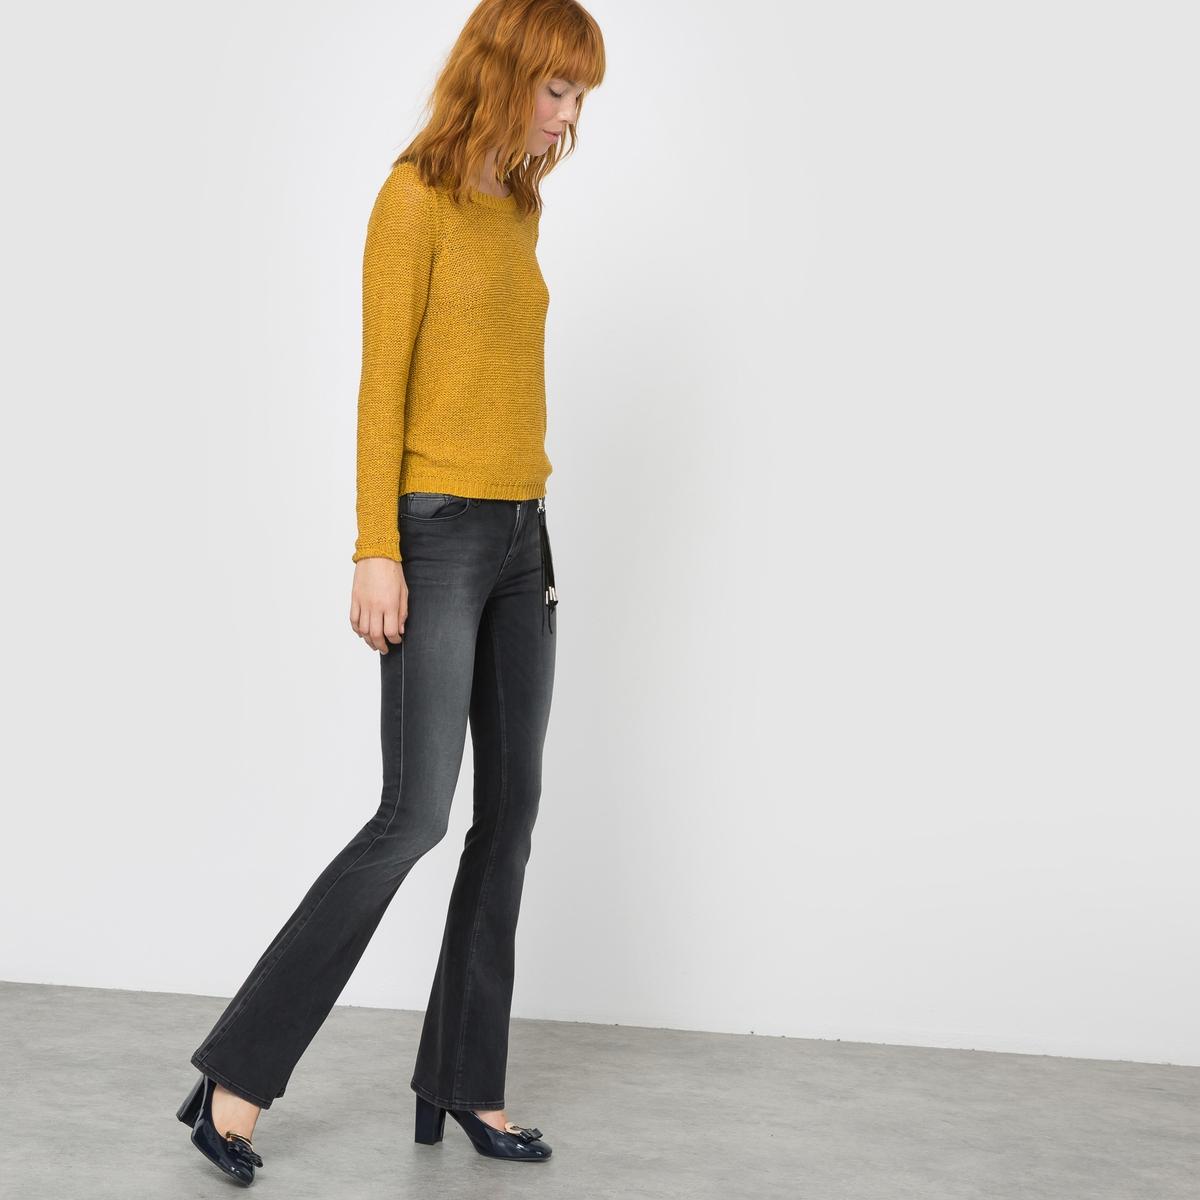 Джинсы расклешенные  RIO, длина 32Расклешенные джинсы RIO от ONLY. Джинсы в стиле 70-х. Потертости. Покрой 5 карманов. Пояс со шлевками. Длина 32.Состав и описаниеМарка : ONLYМодель : RIOМатериал : 66% хлопка, 20% полиэстера, 11% вискозы, 3% эластана<br><br>Цвет: темно-серый деним<br>Размер: 26 длина 32